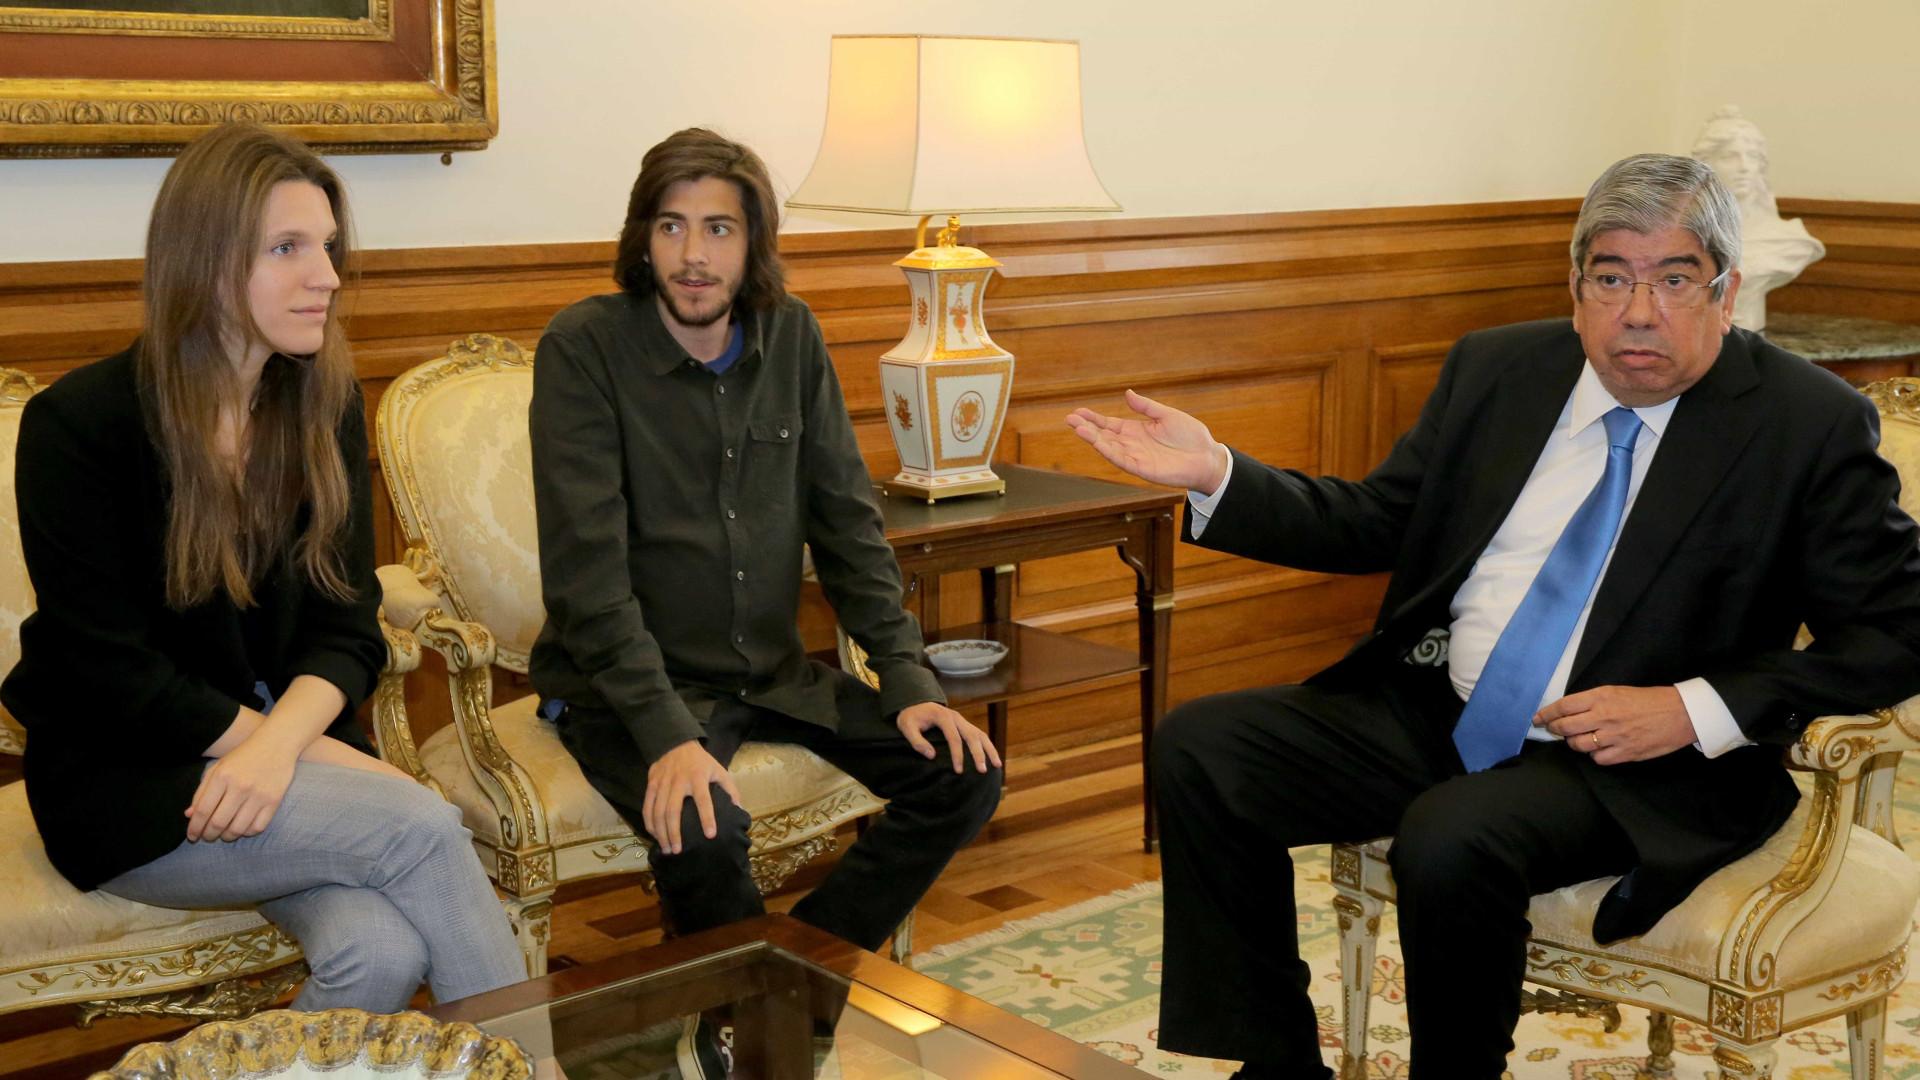 Aplaudido no Parlamento, Salvador deixou um 'recado' a quem governa